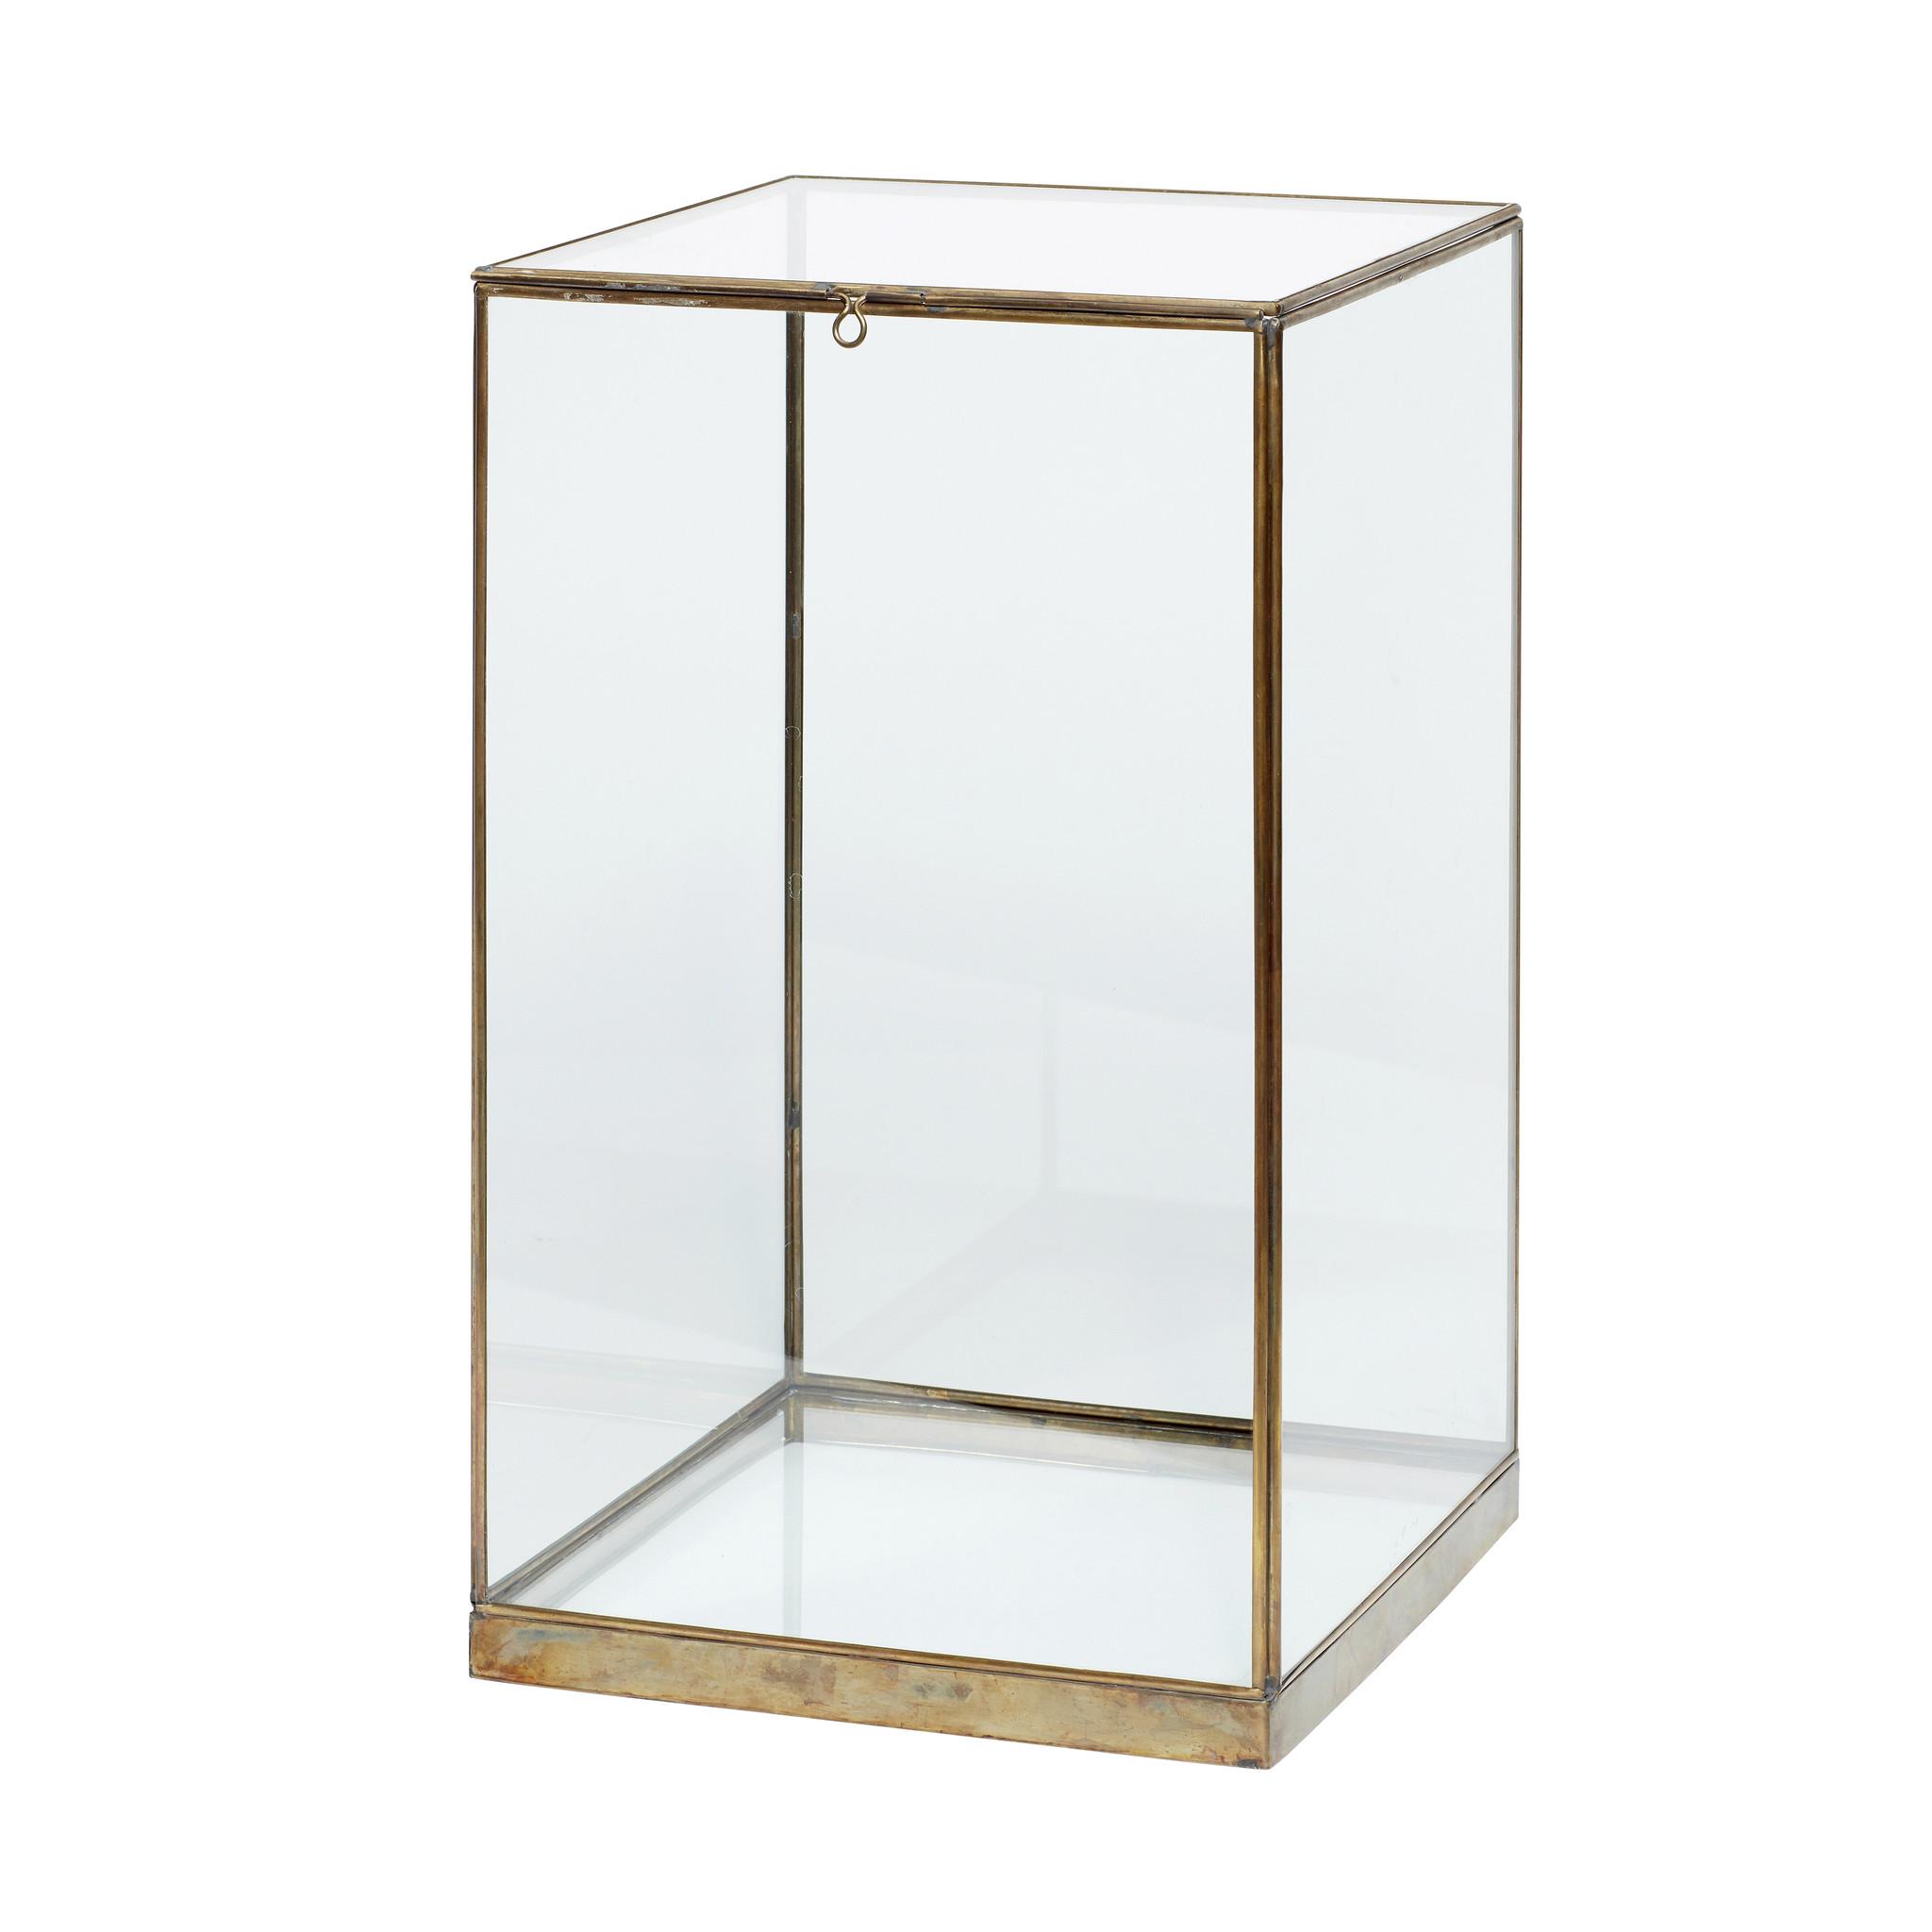 Hubsch Display, messing / glas, klein-310203-5712772065457